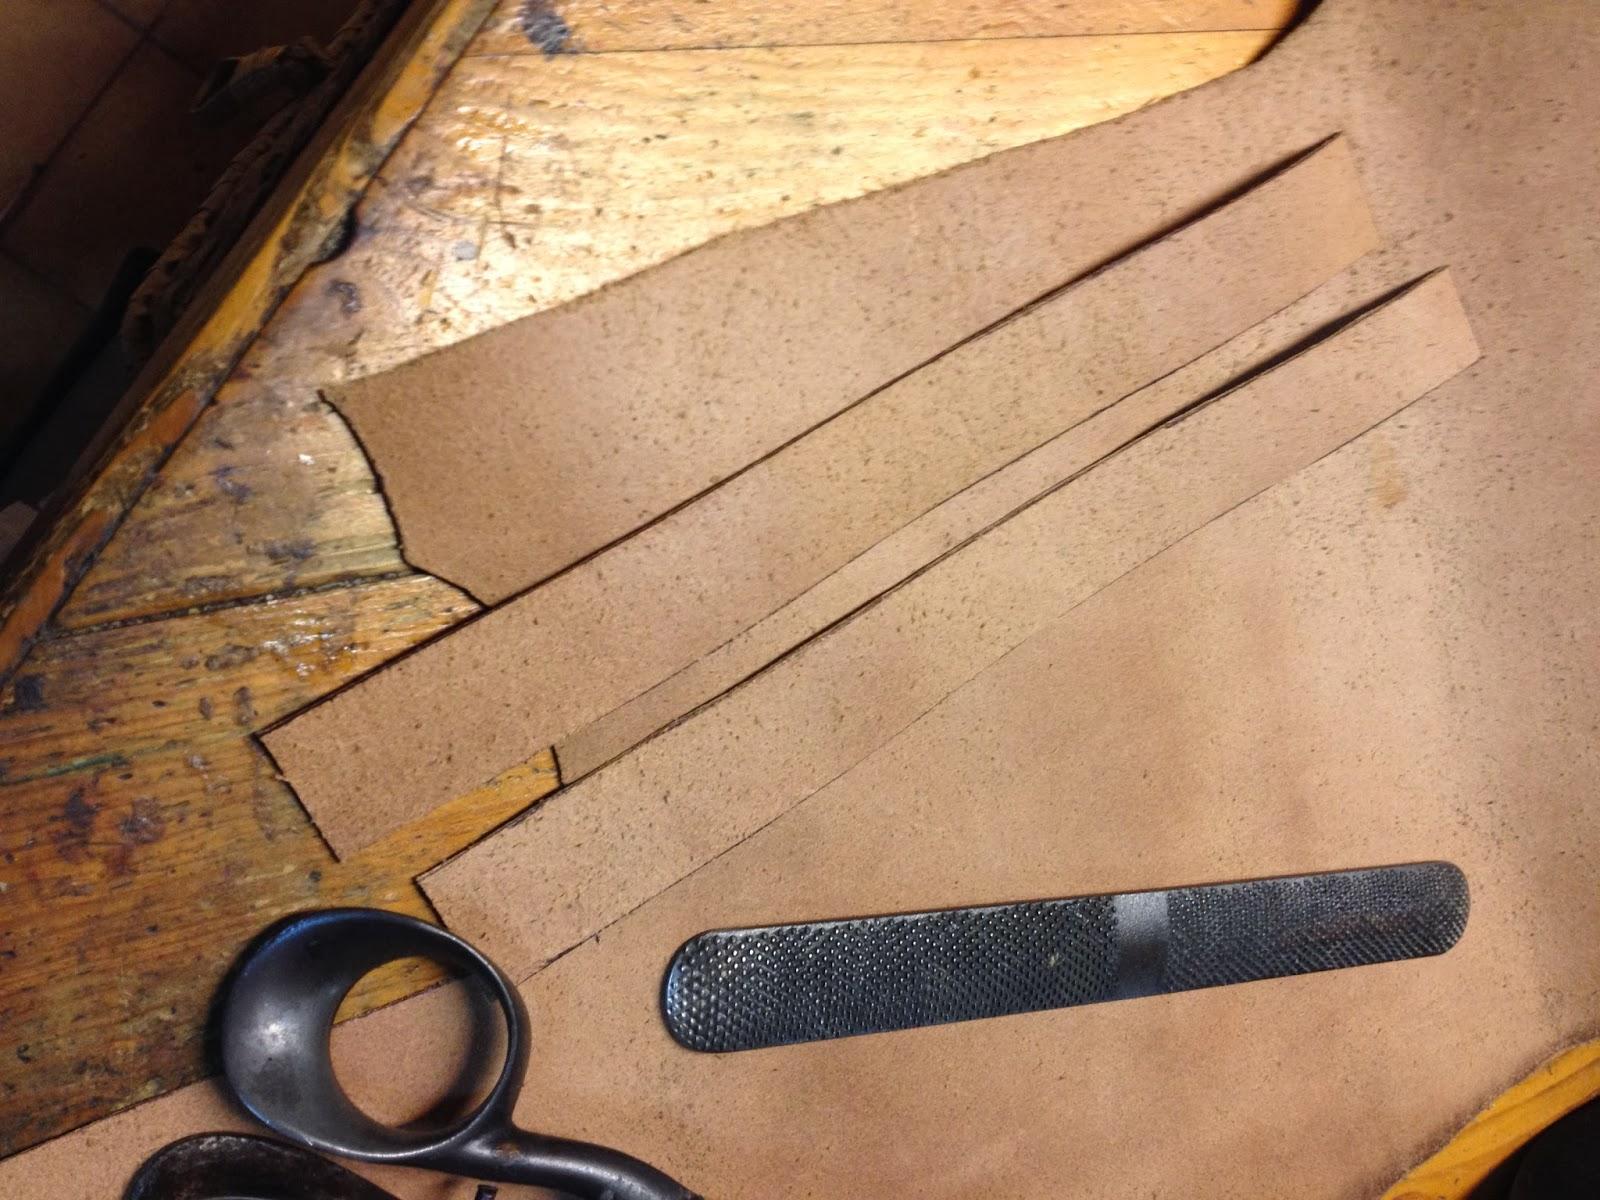 Comment enlever une tache de stylo bille sur du cuir for Enlever de l huile sur du cuir